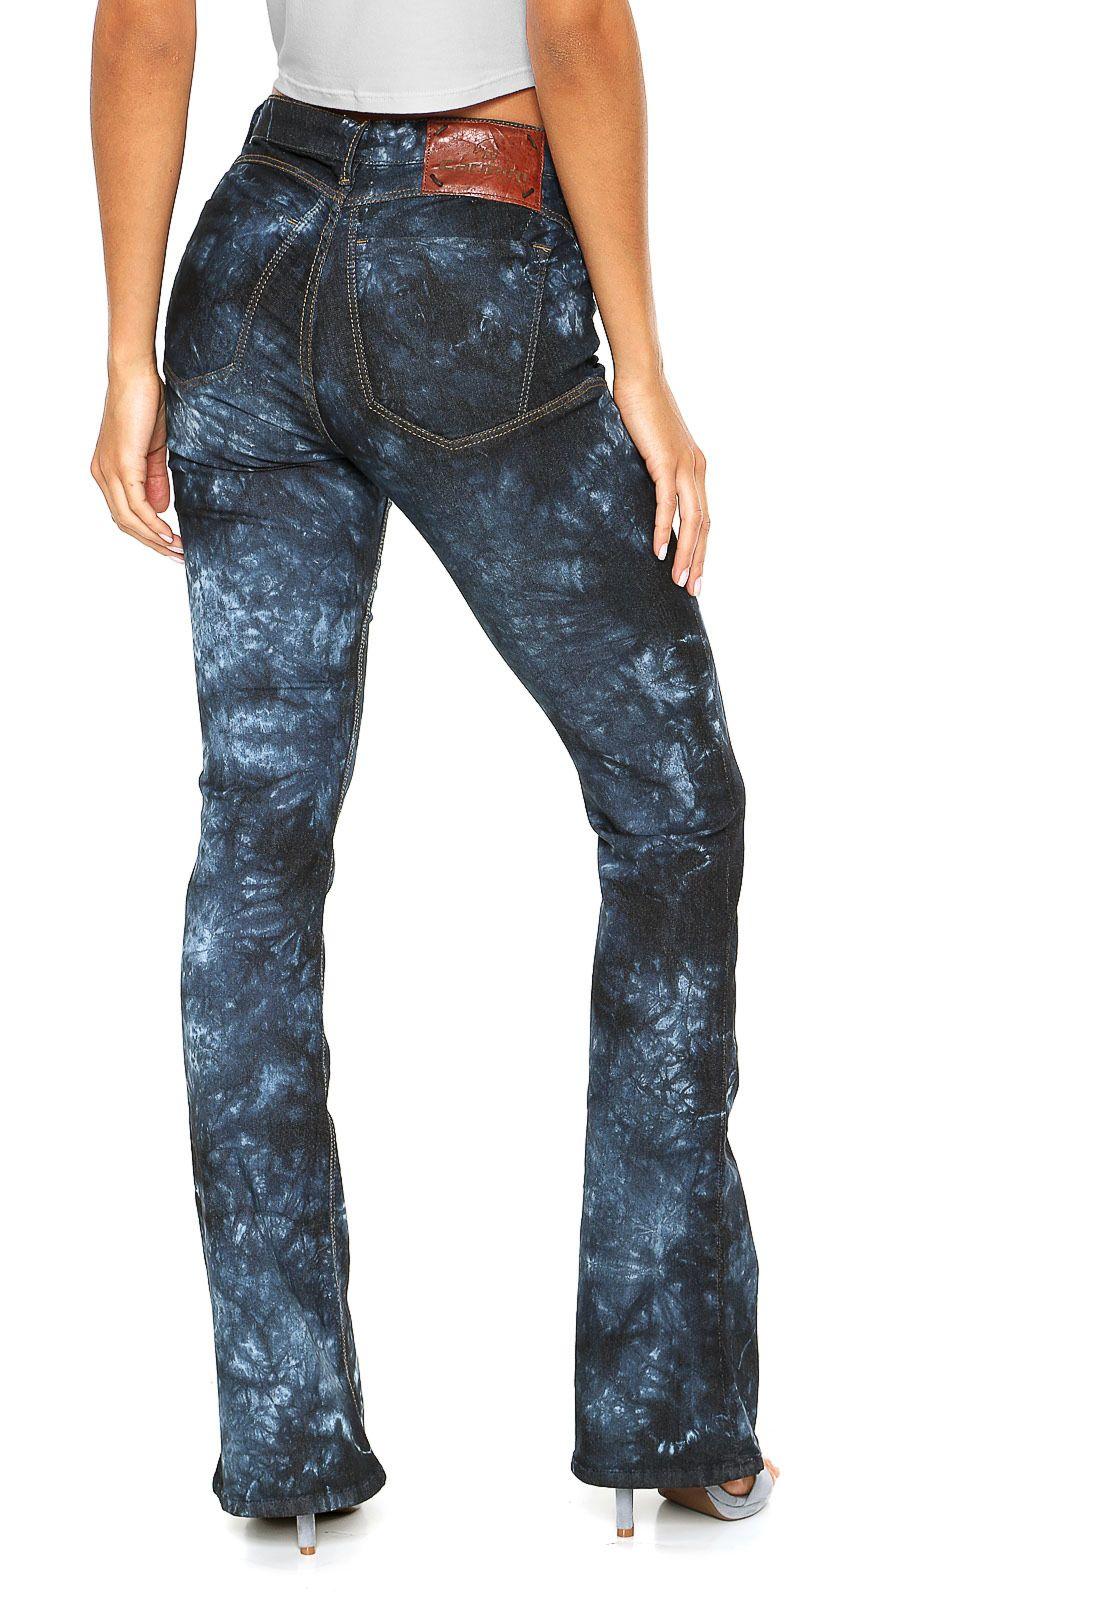 d26f8739c4 Calça Jeans Carmim Bootcut Paola Azul - Marca Carmim